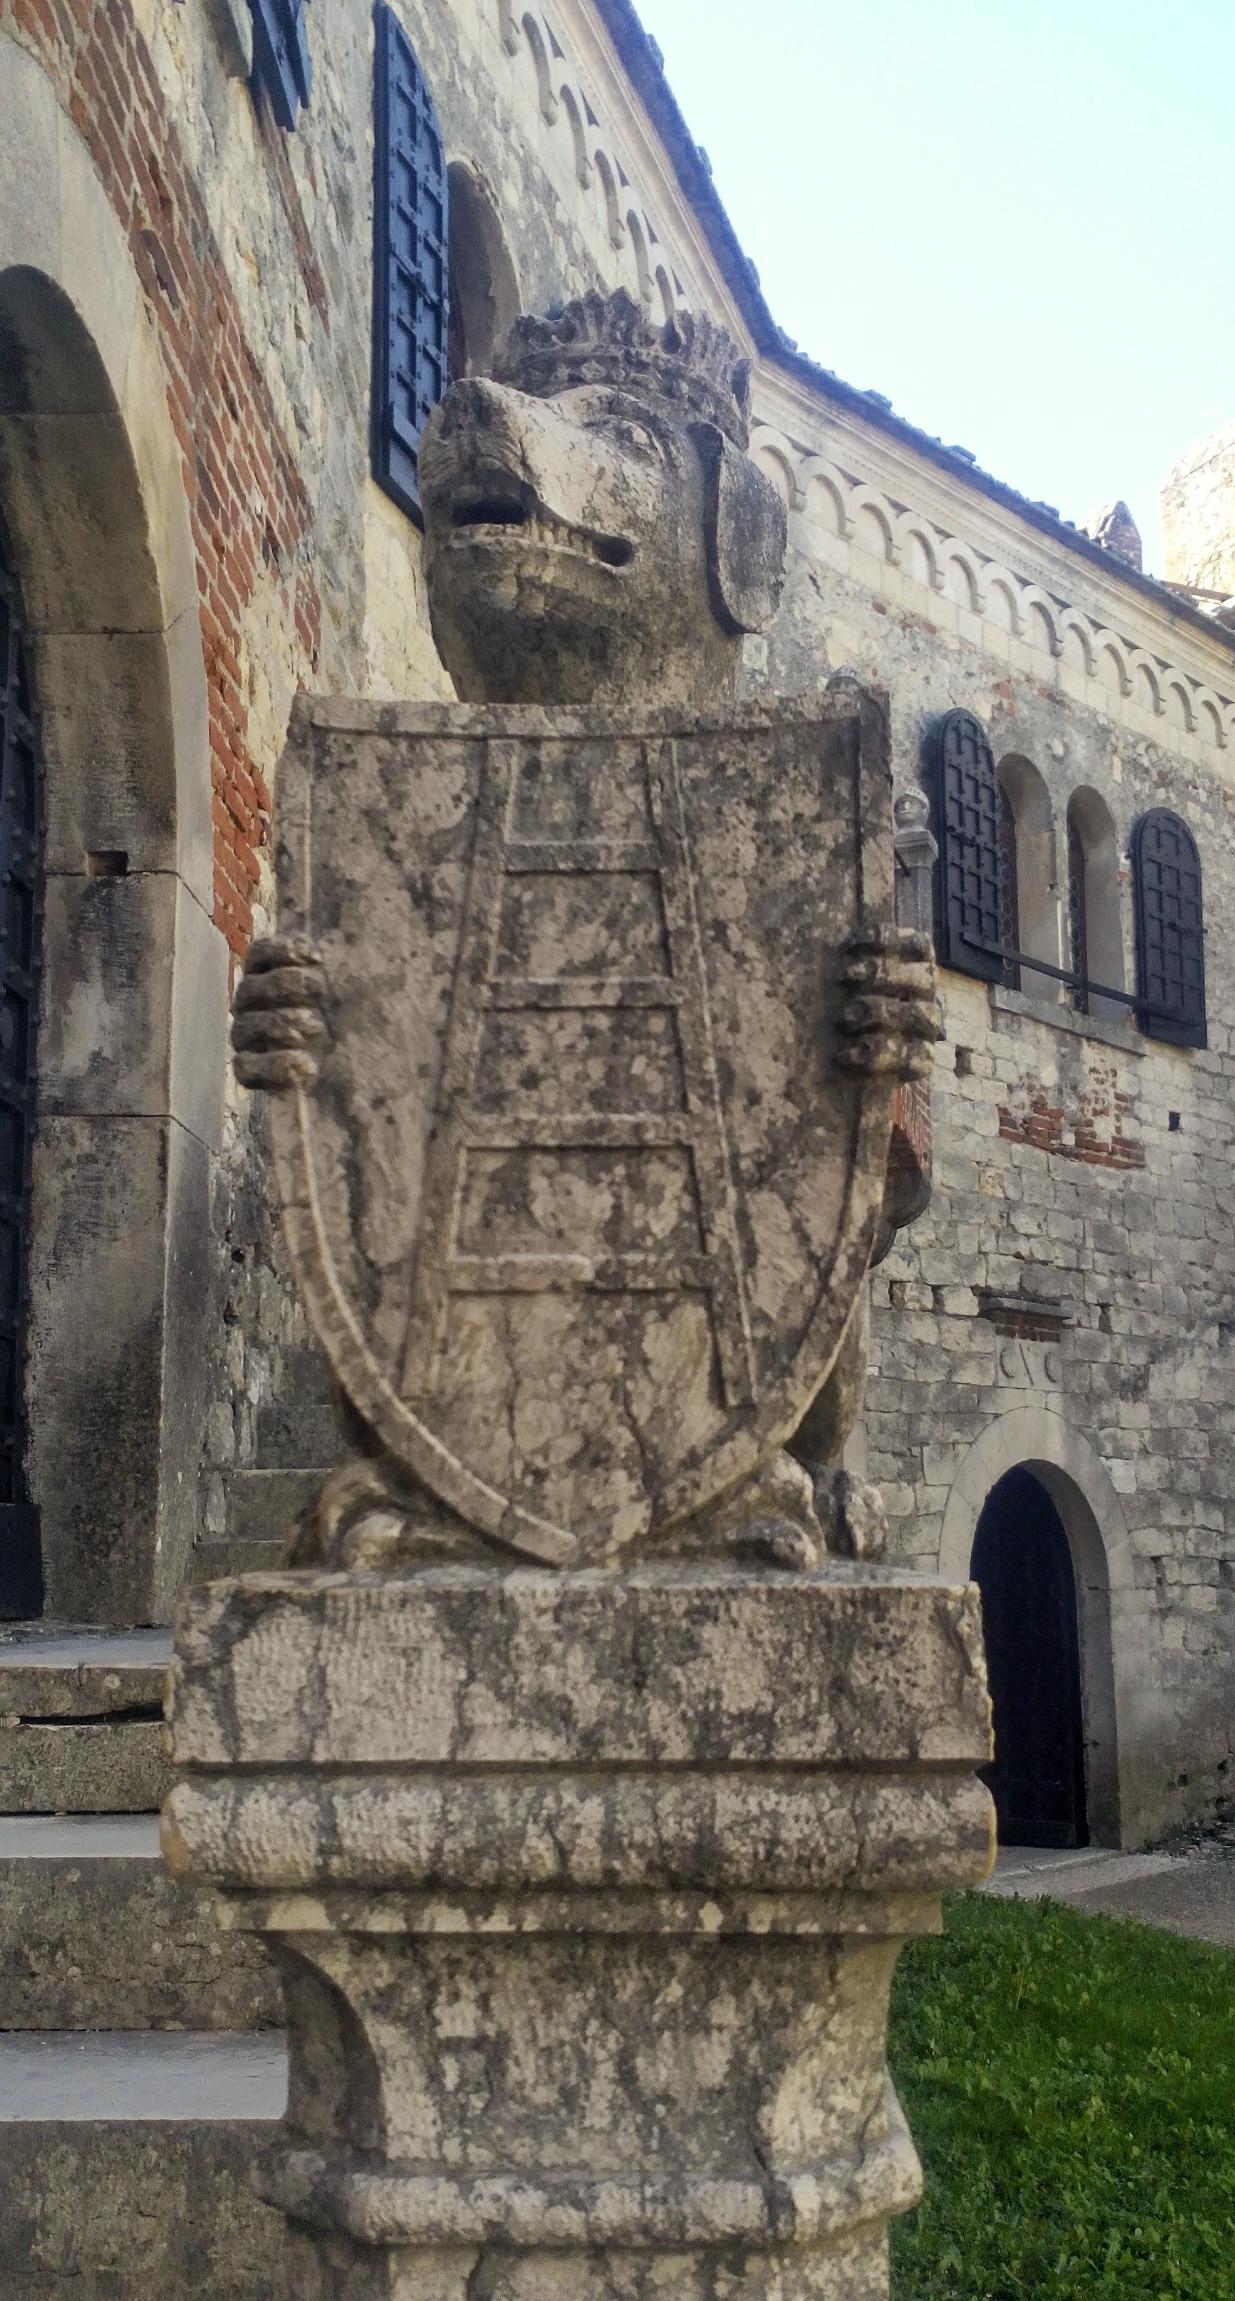 Il Castello medievale di Soave: borgo antico e suggestivo ...